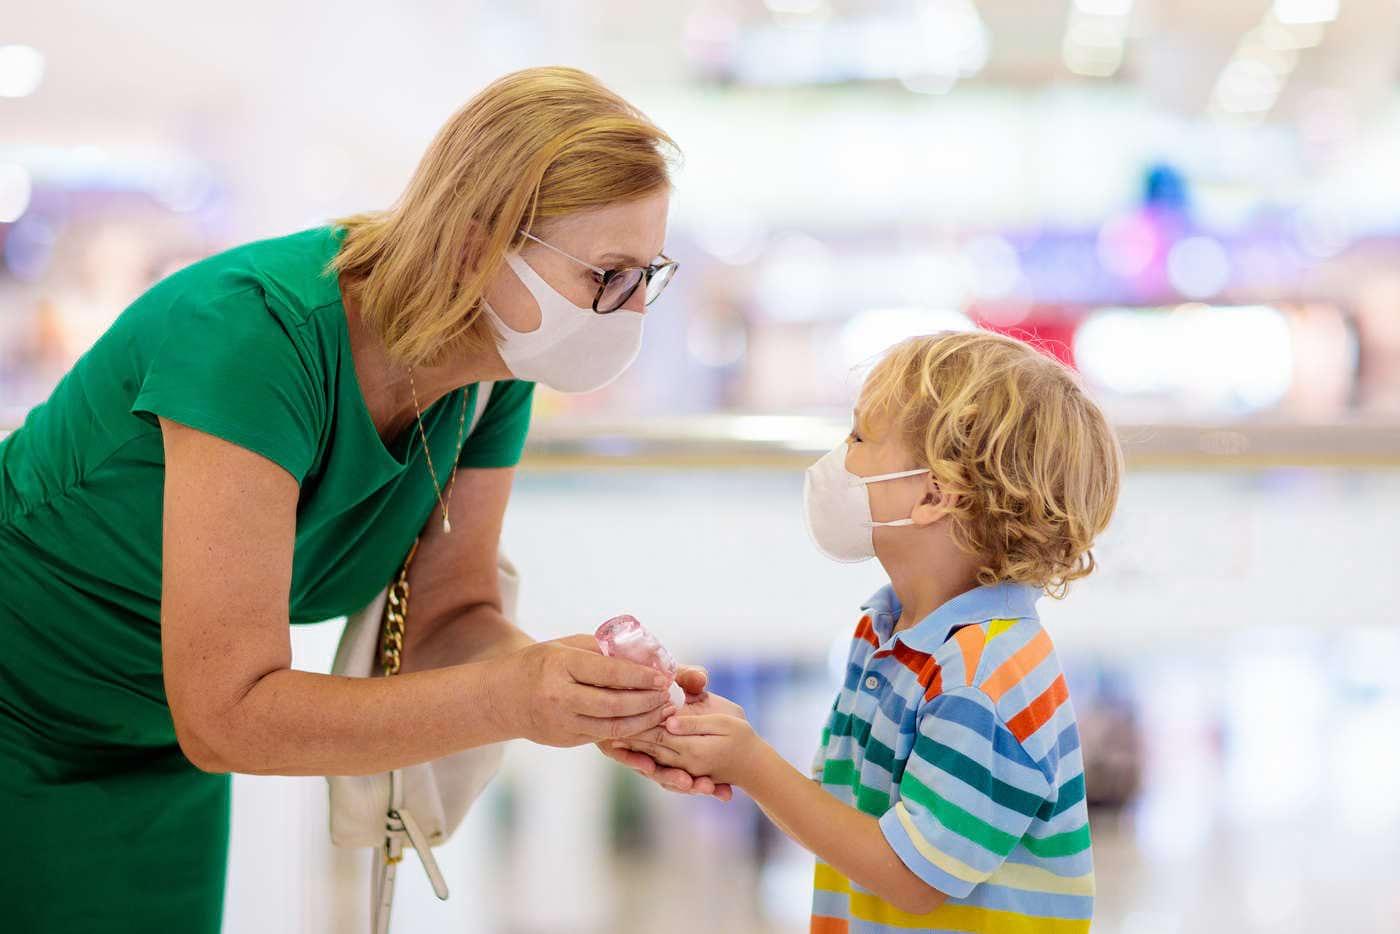 Cum se poartă corect masca de protecție?